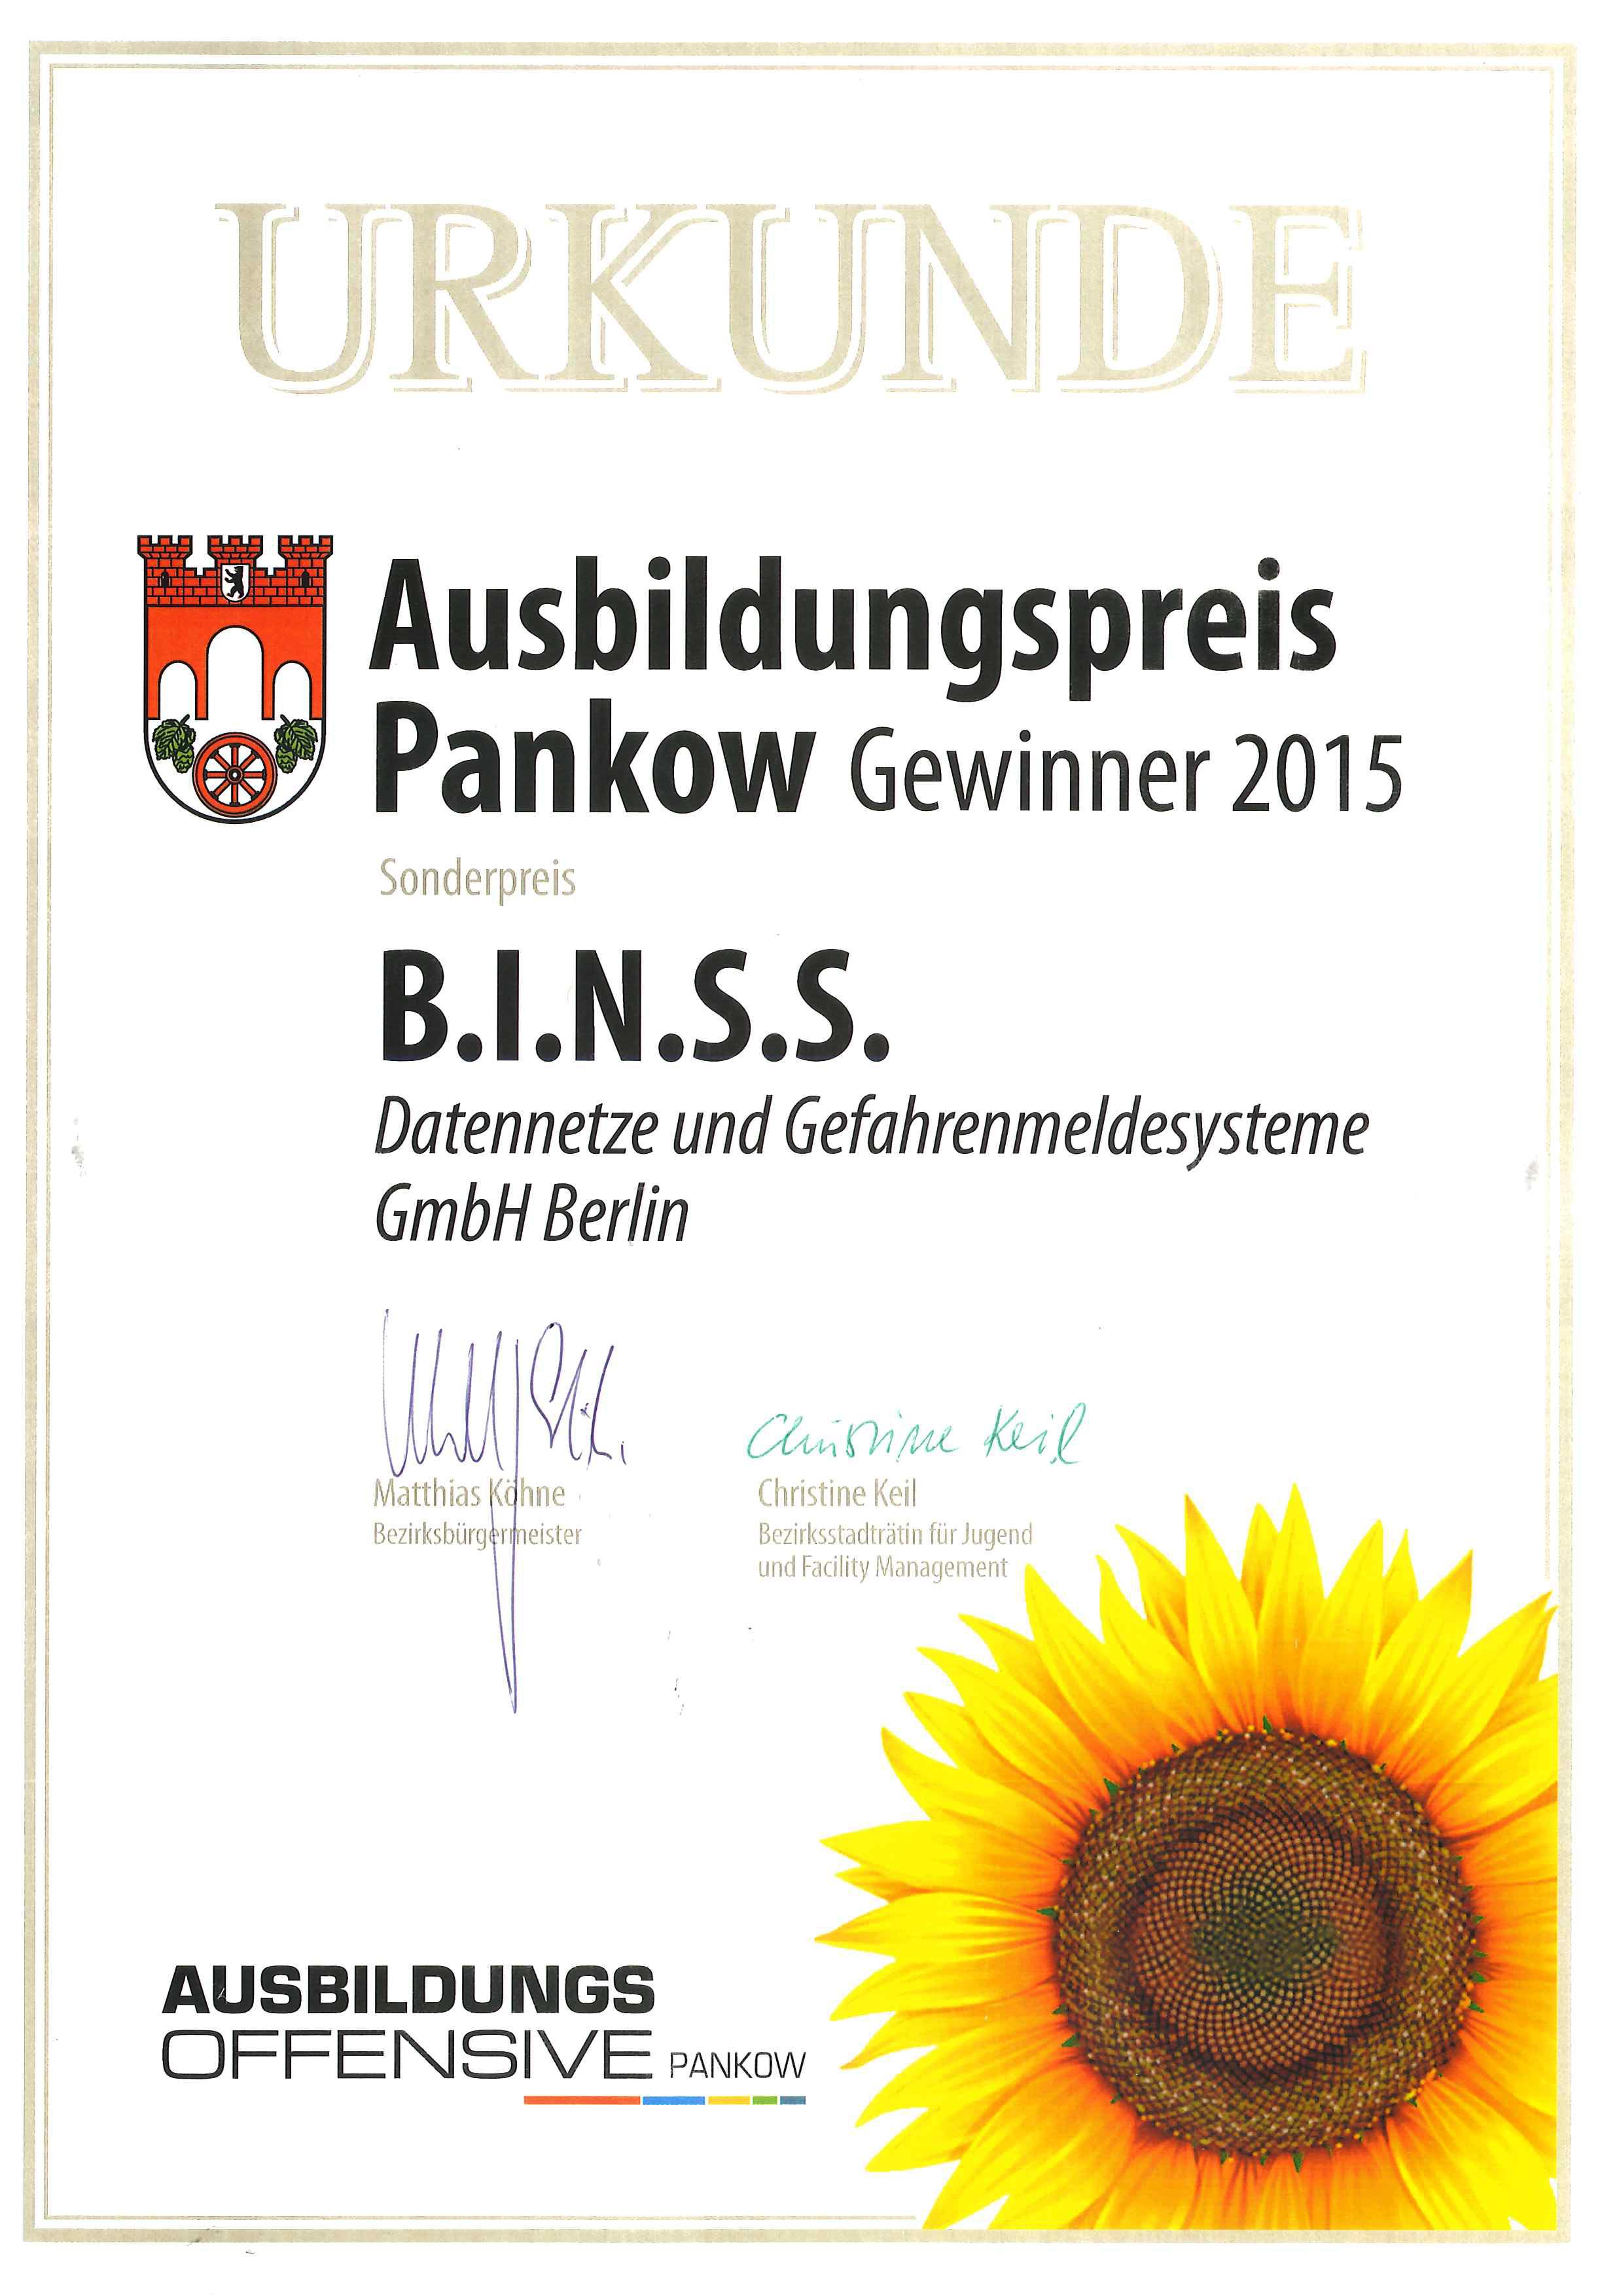 Urkunde-Sonderpreis-Ausbildungsoffensive-Pankow-2015